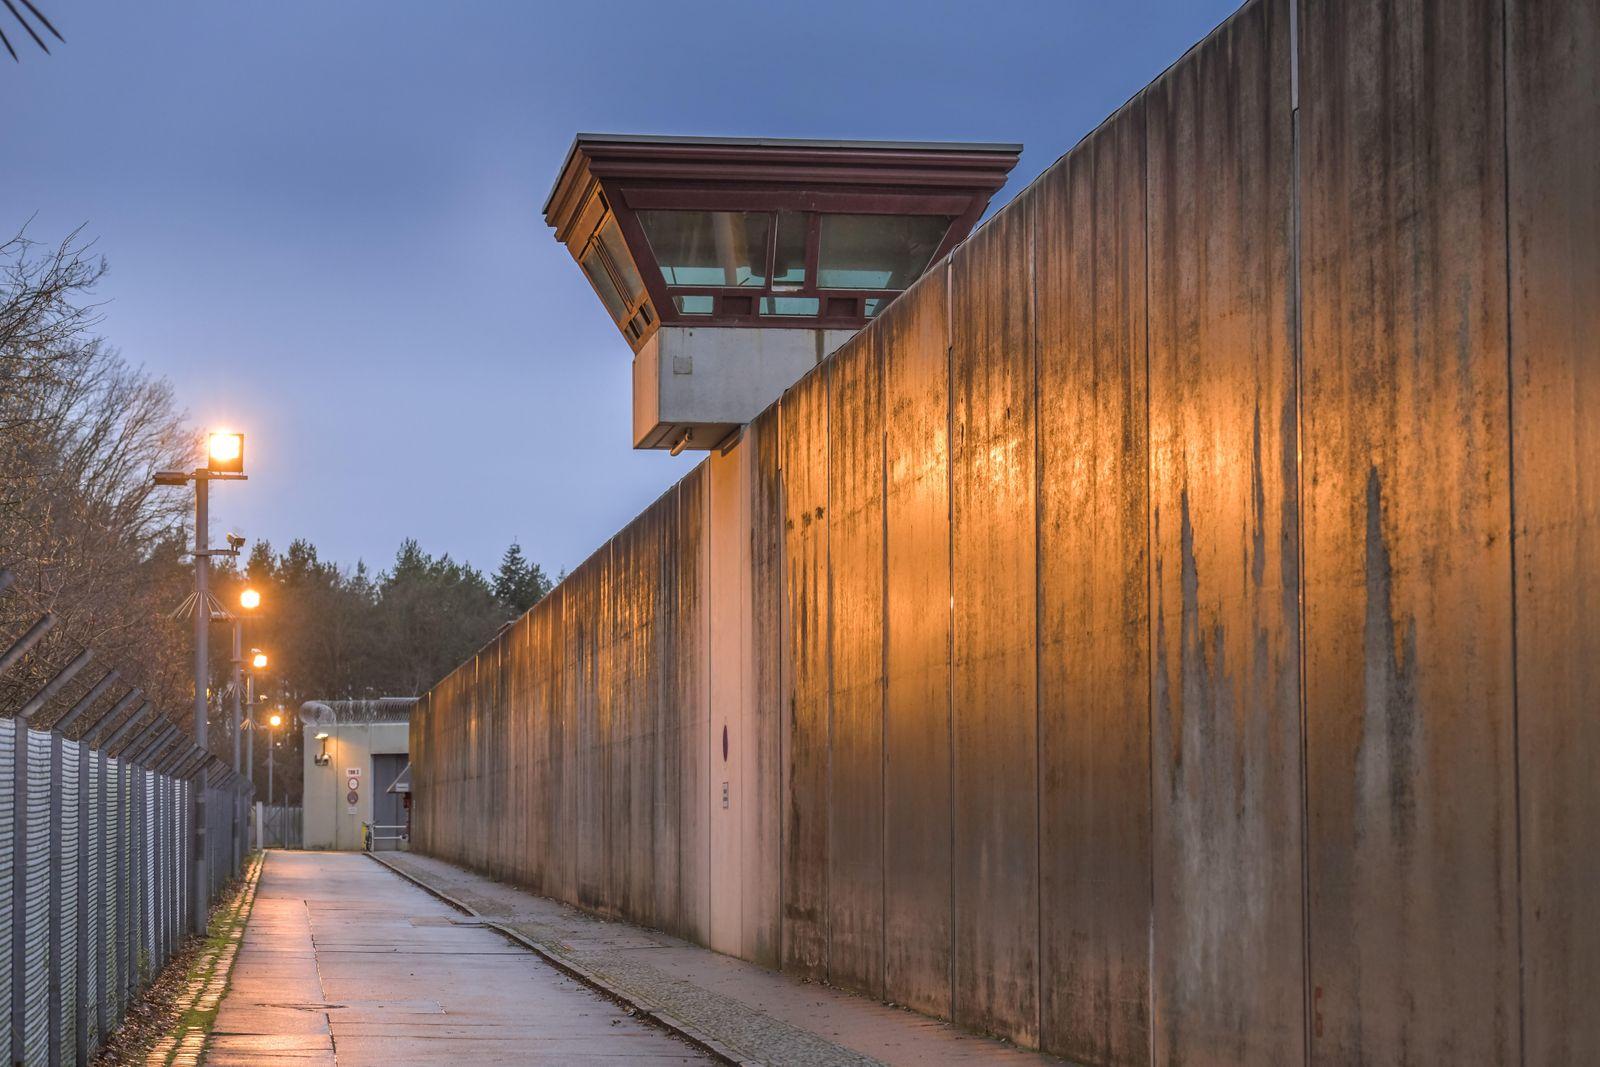 Wachturm und Mauer, JVA Tegel, Seidelstraße, Reinickendorf, Berlin, Deutschland